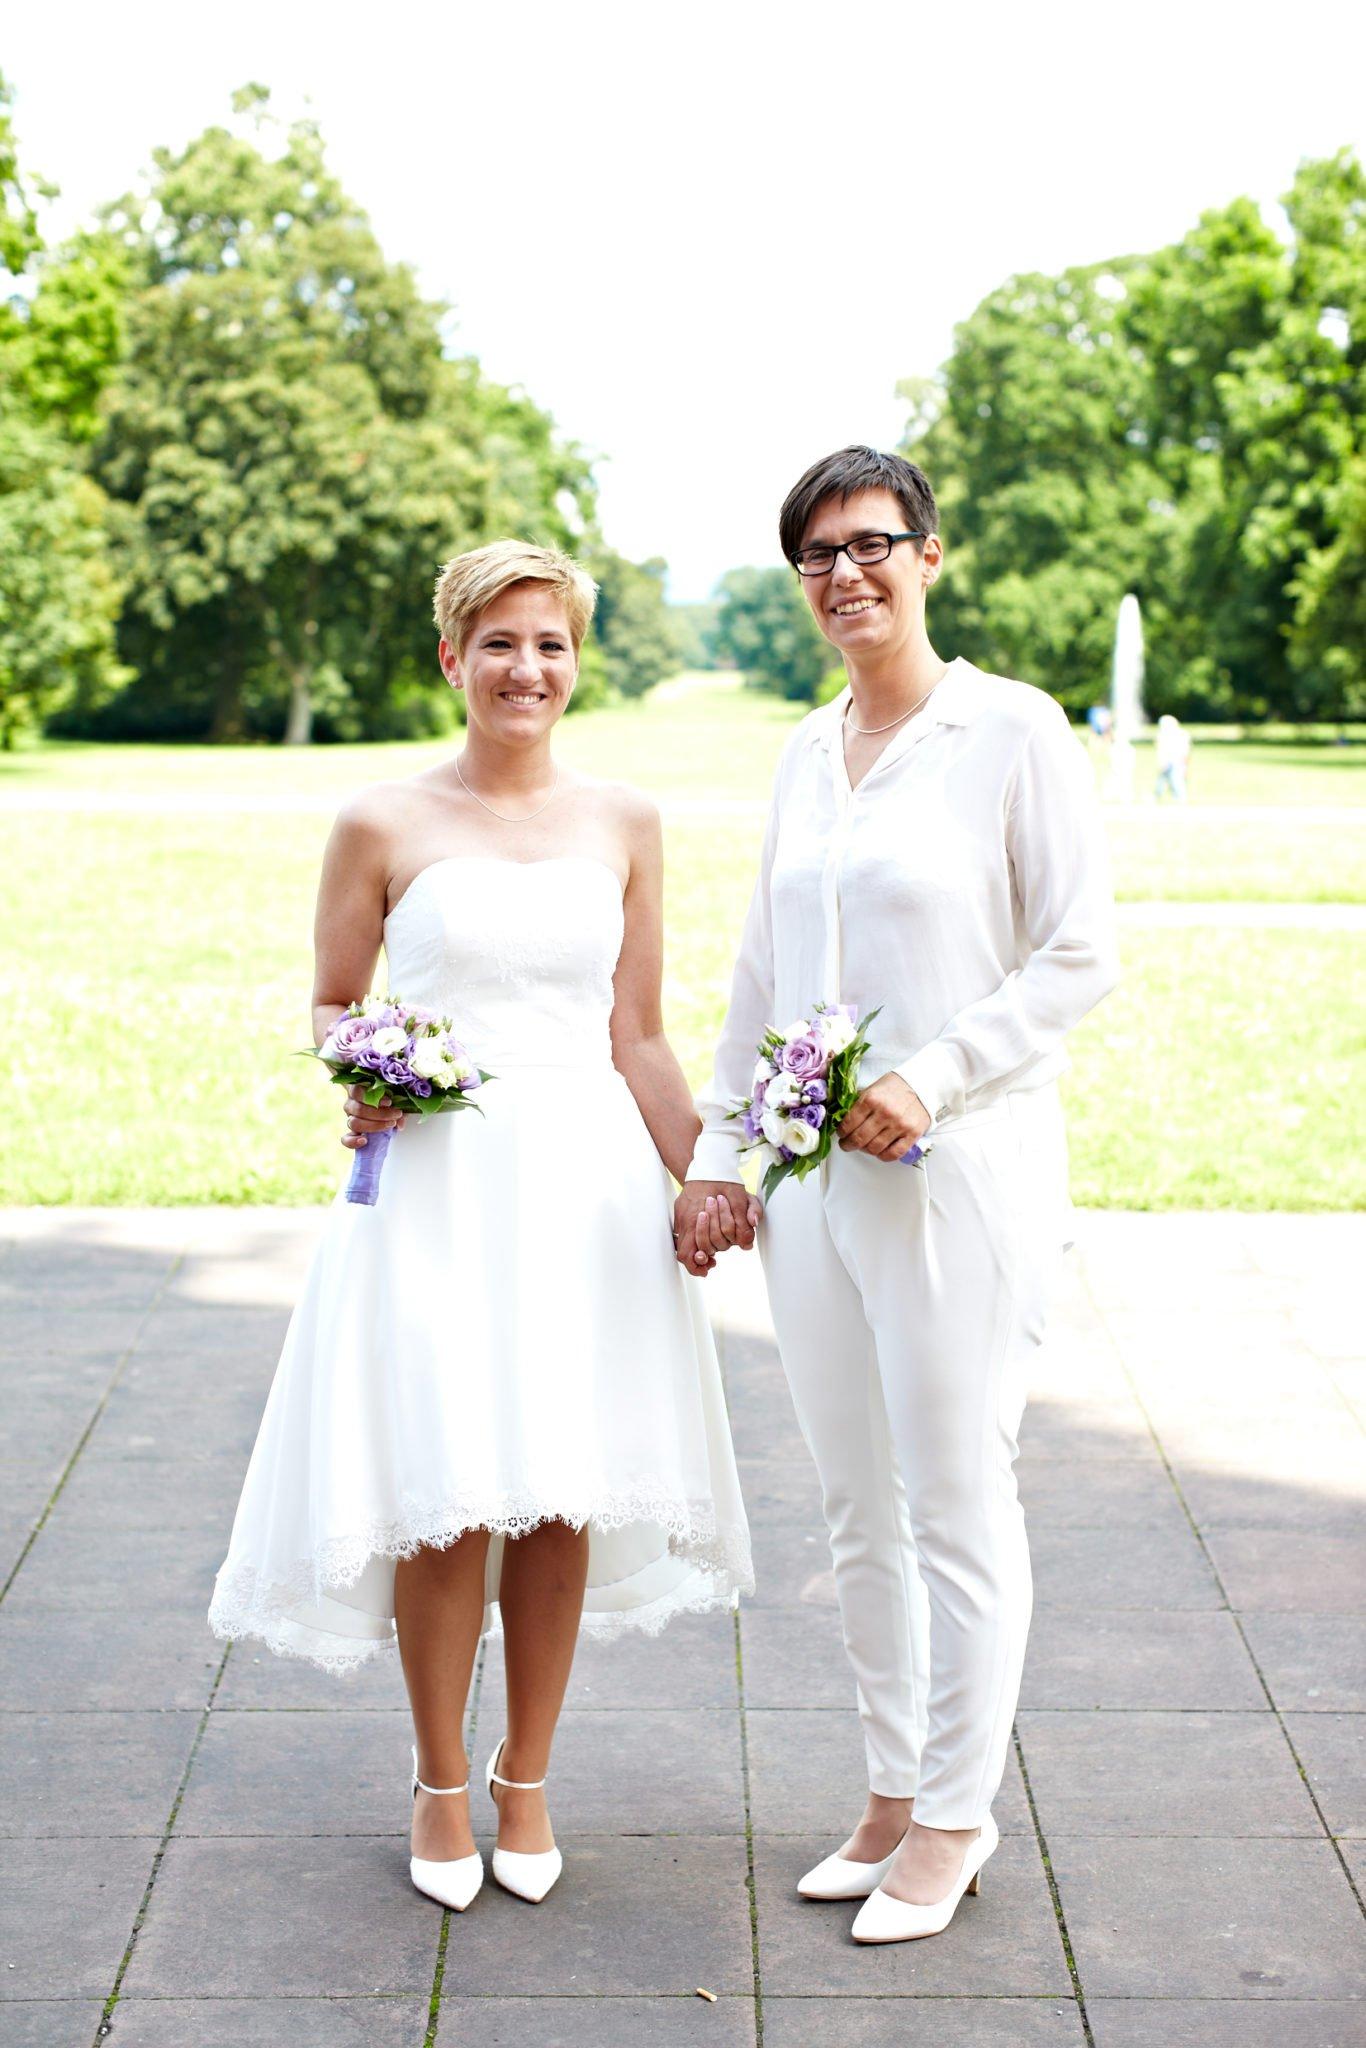 Brautanzug & Brautkleid Helen Bender